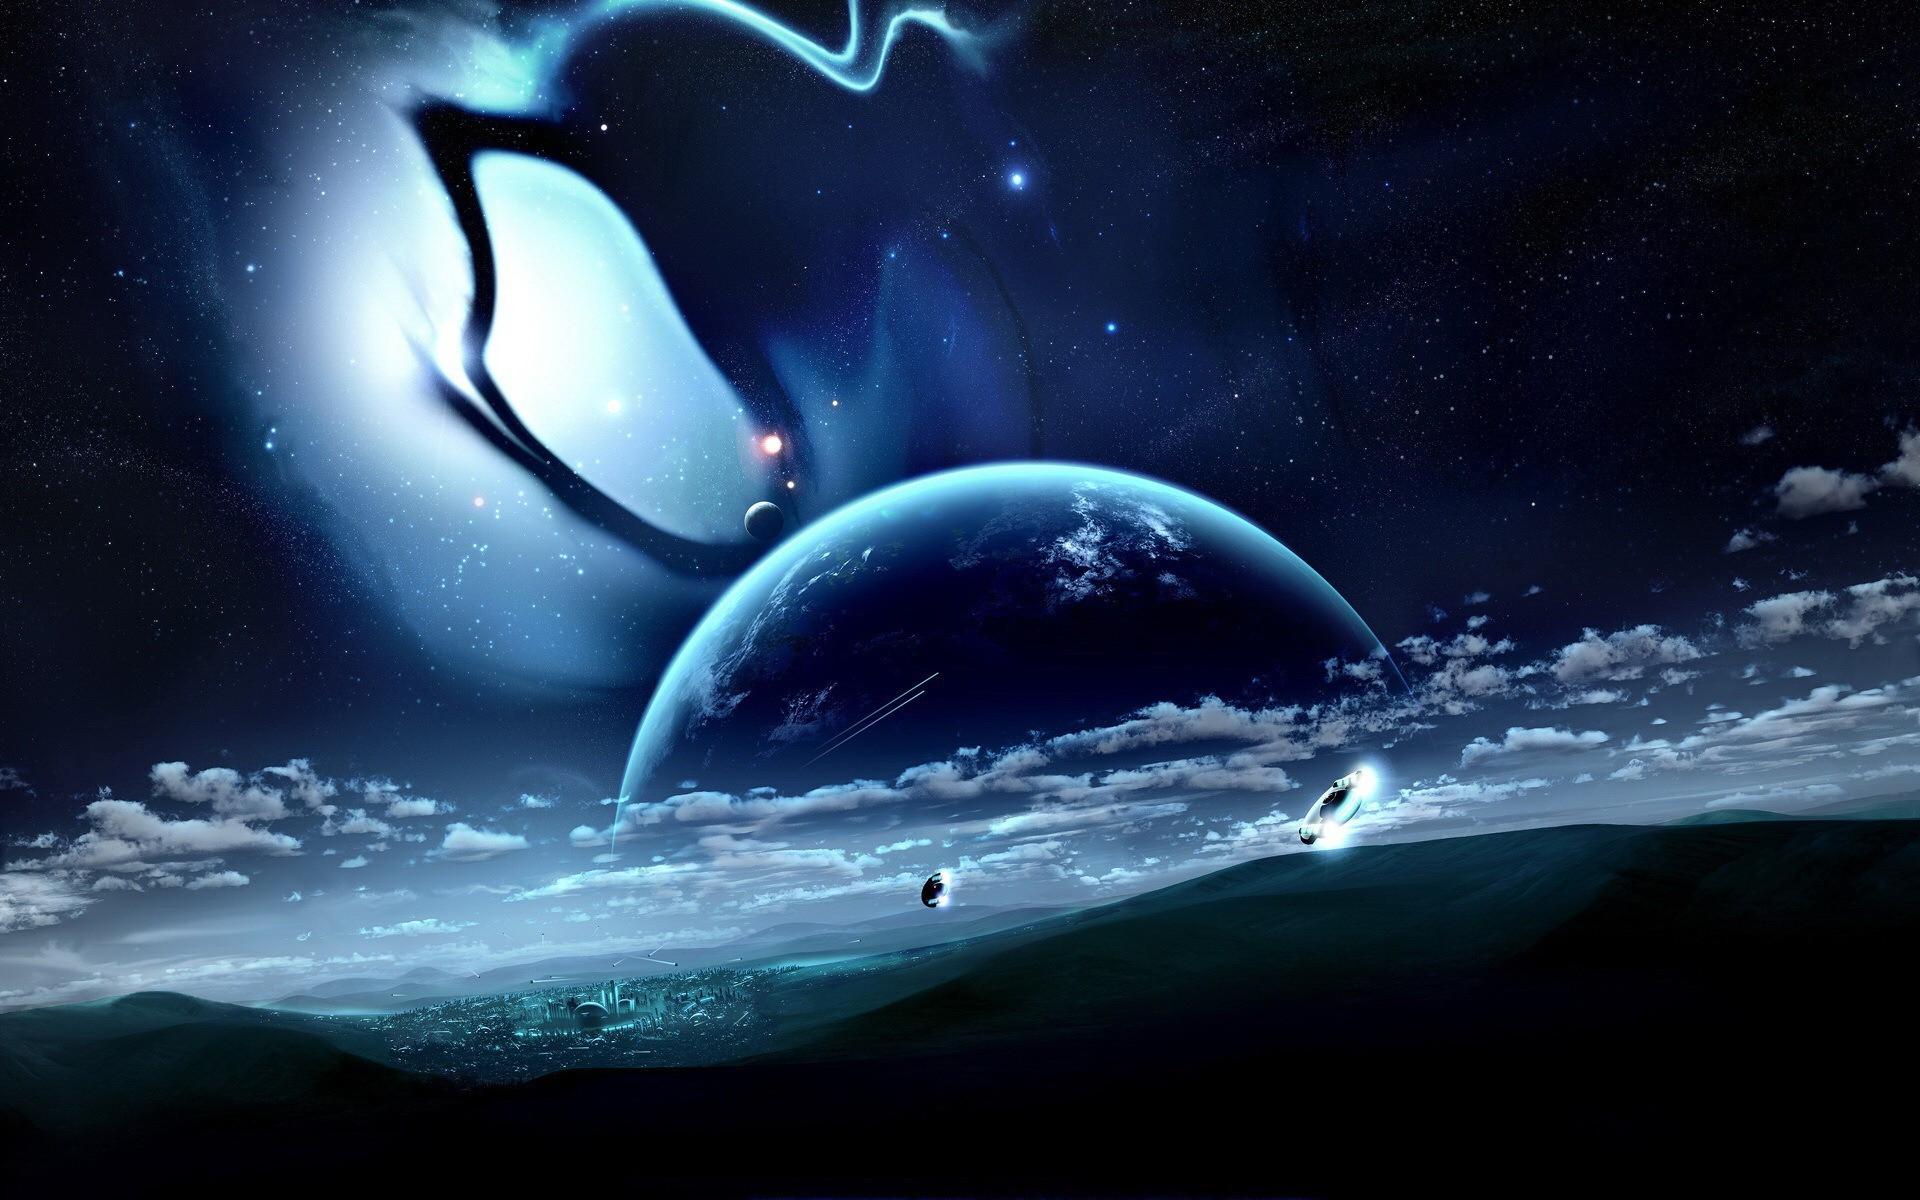 космос мистические картинки парень